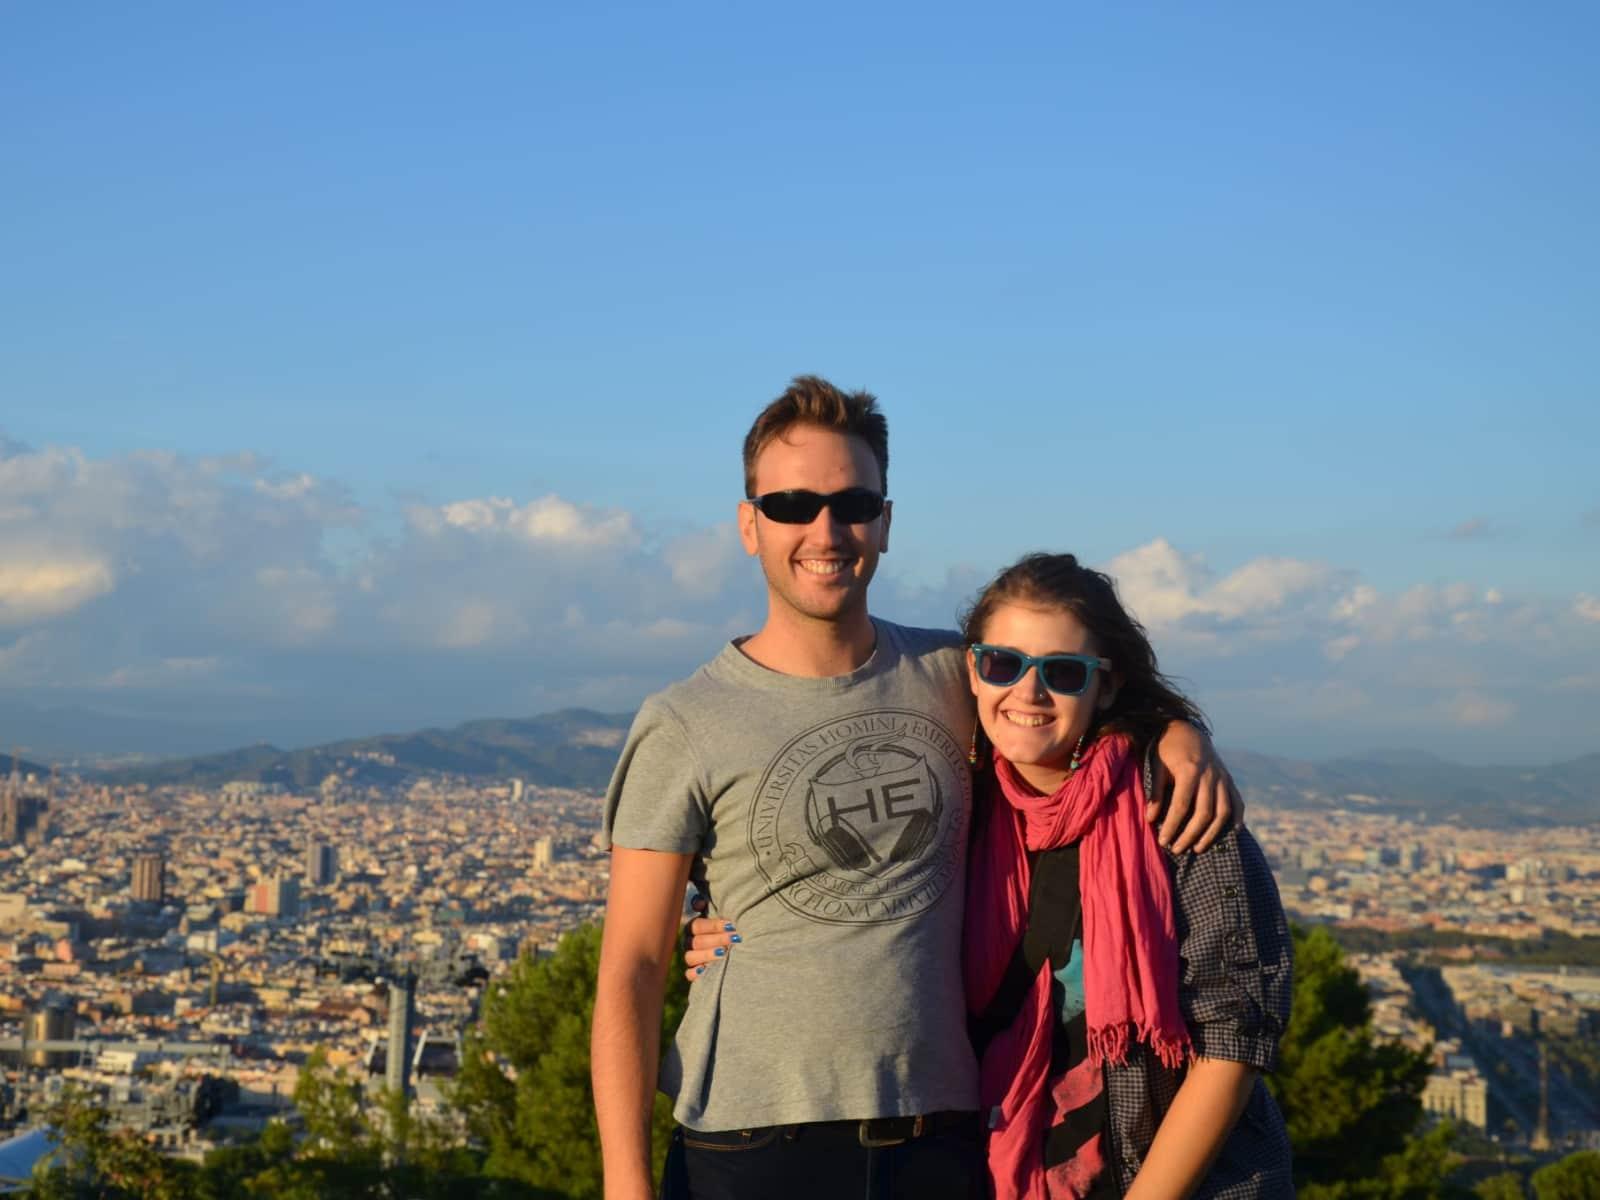 Carla llamas & Adrián from Barcelona, Spain